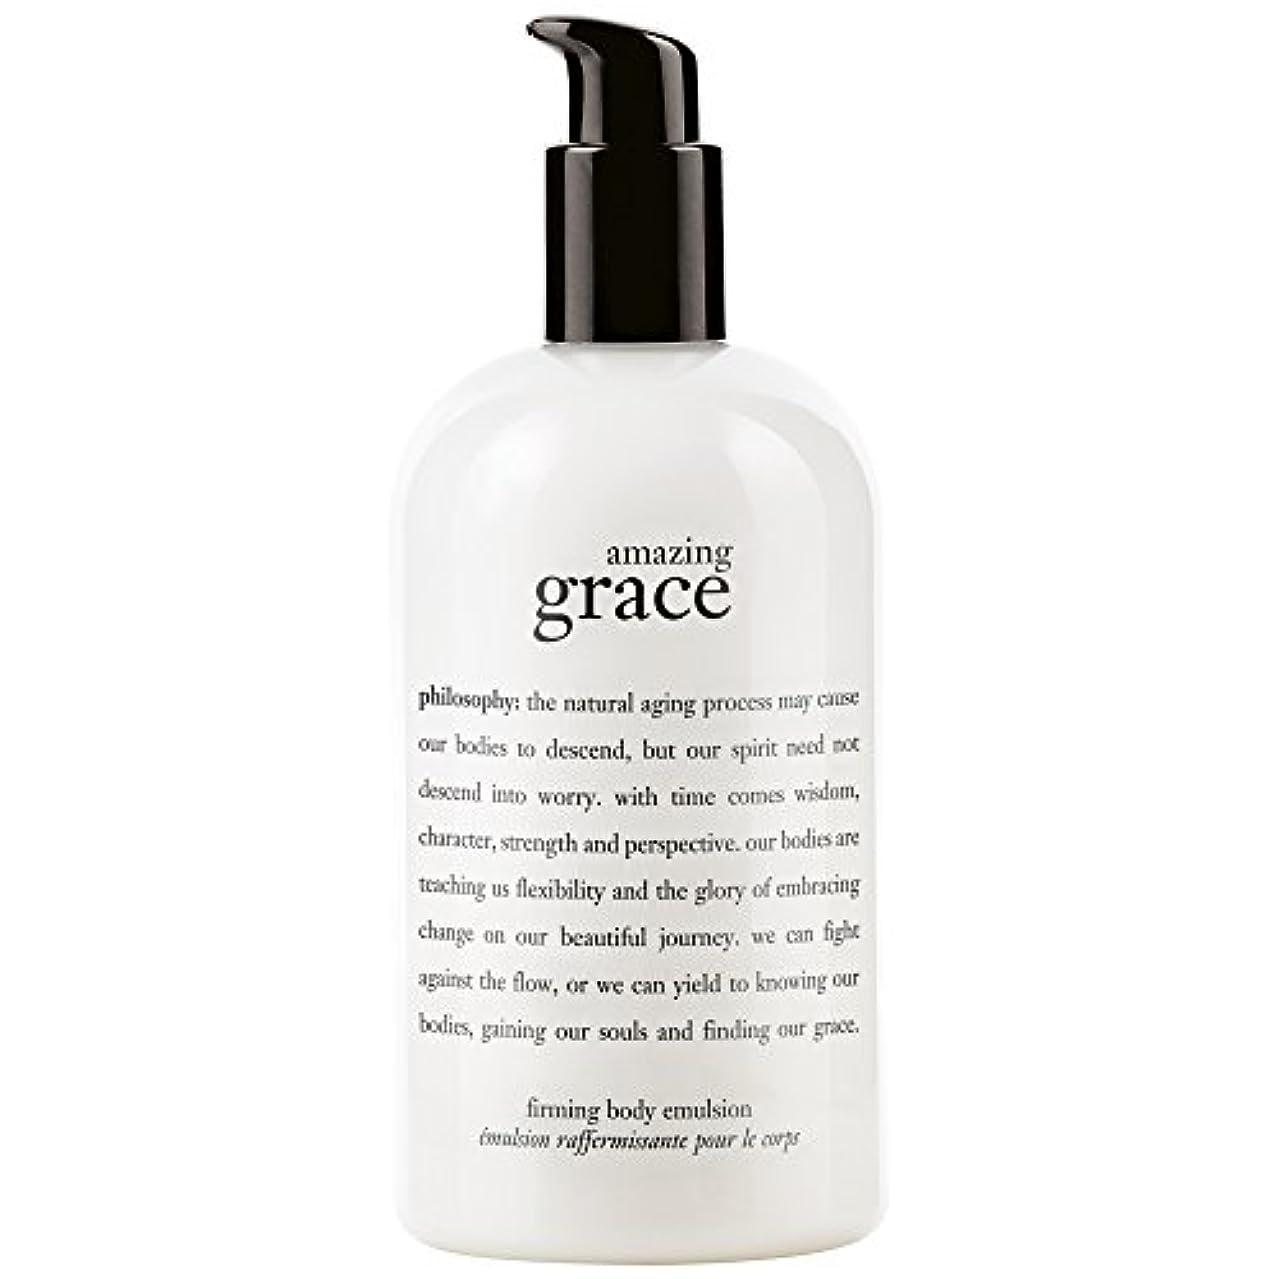 やさしい雪だるまを作る海岸哲学驚くべき恵み引き締めボディエマルジョン480ミリリットル (Philosophy) (x6) - Philosophy Amazing Grace Firming Body Emulsion 480ml (Pack of 6) [並行輸入品]